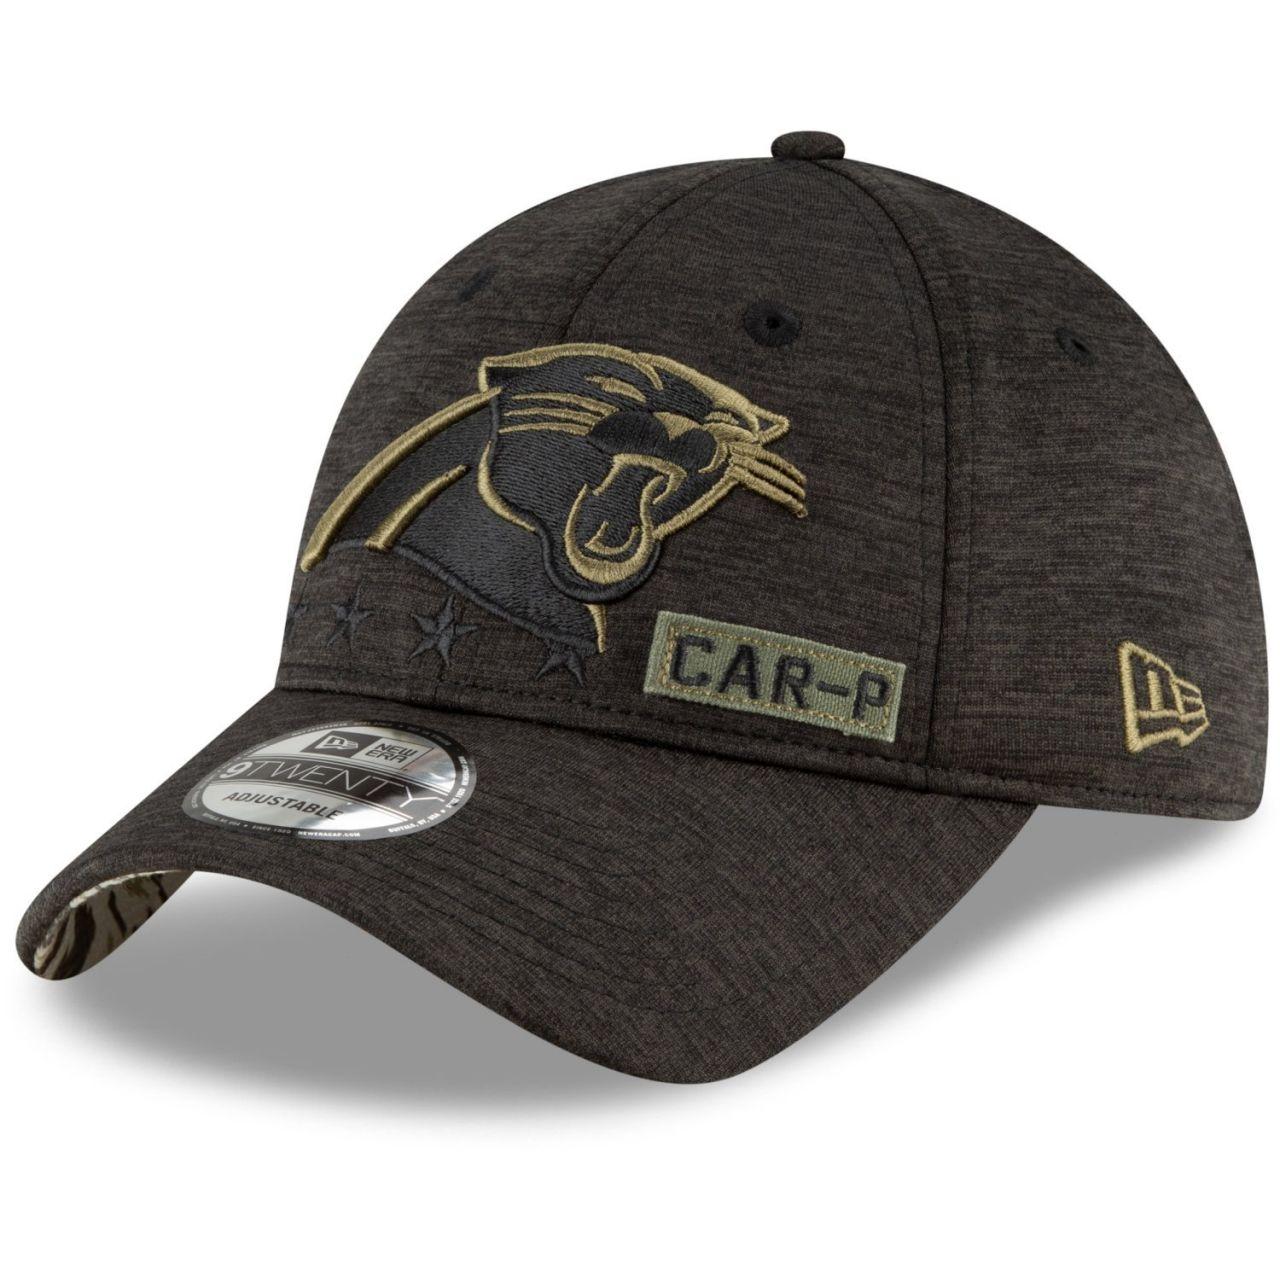 amfoo - New Era 9TWENTY Cap Salute to Service Carolina Panthers